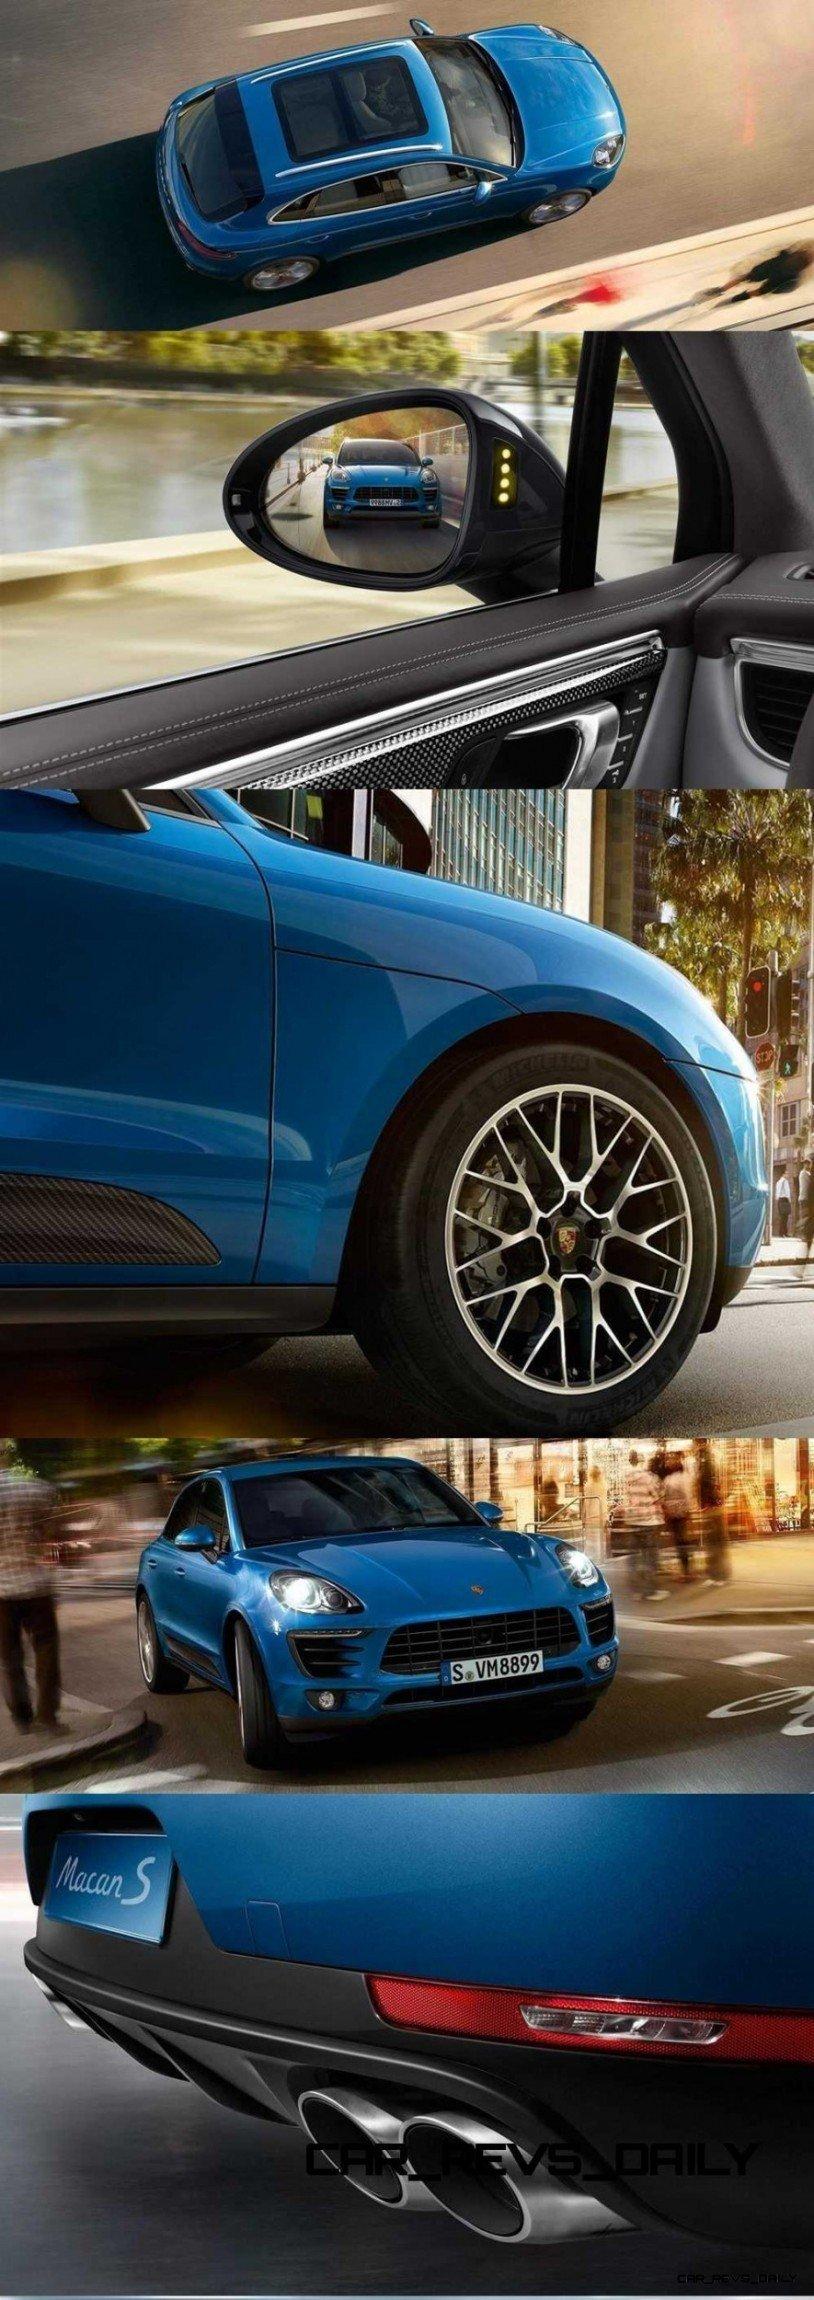 2015 Porsche Macan - Latest Images - CarRevsDaily-vert8